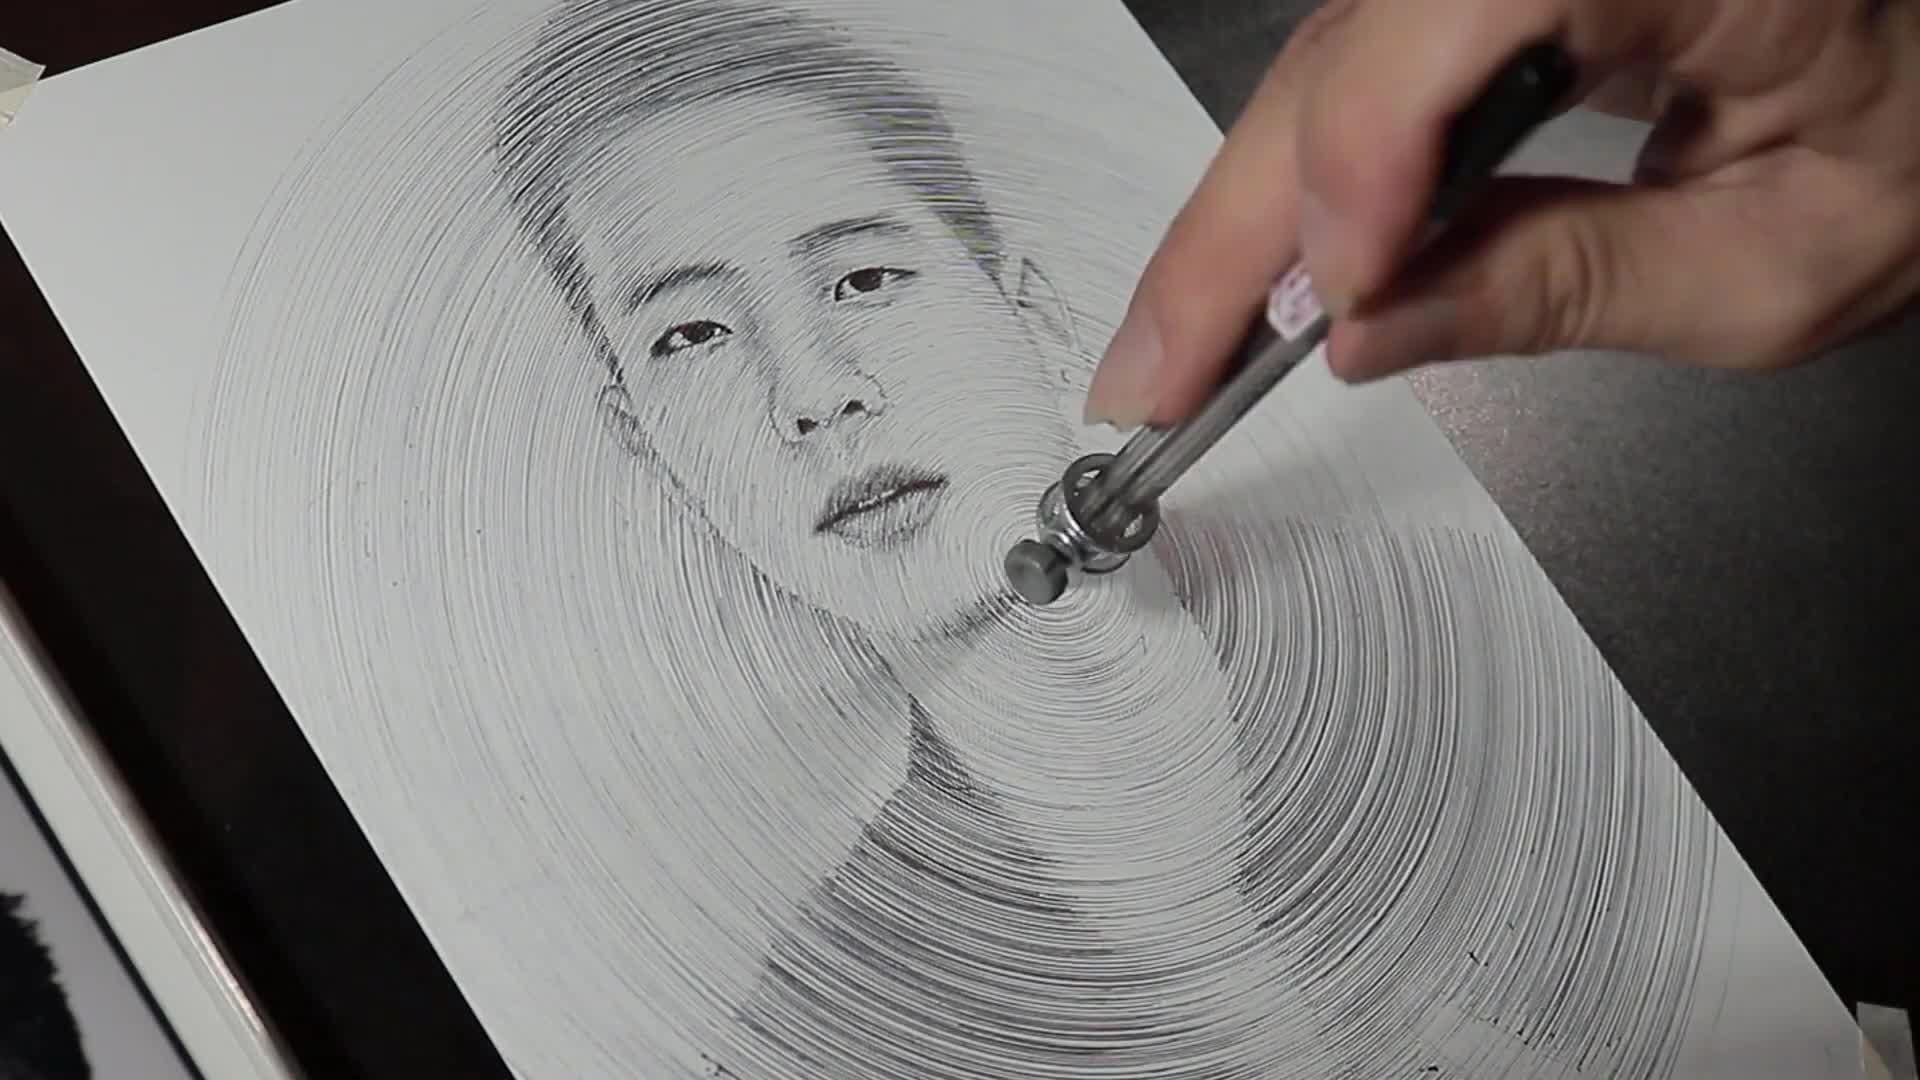 圆规绘出来的人物肖像画 | dP Art Drawing